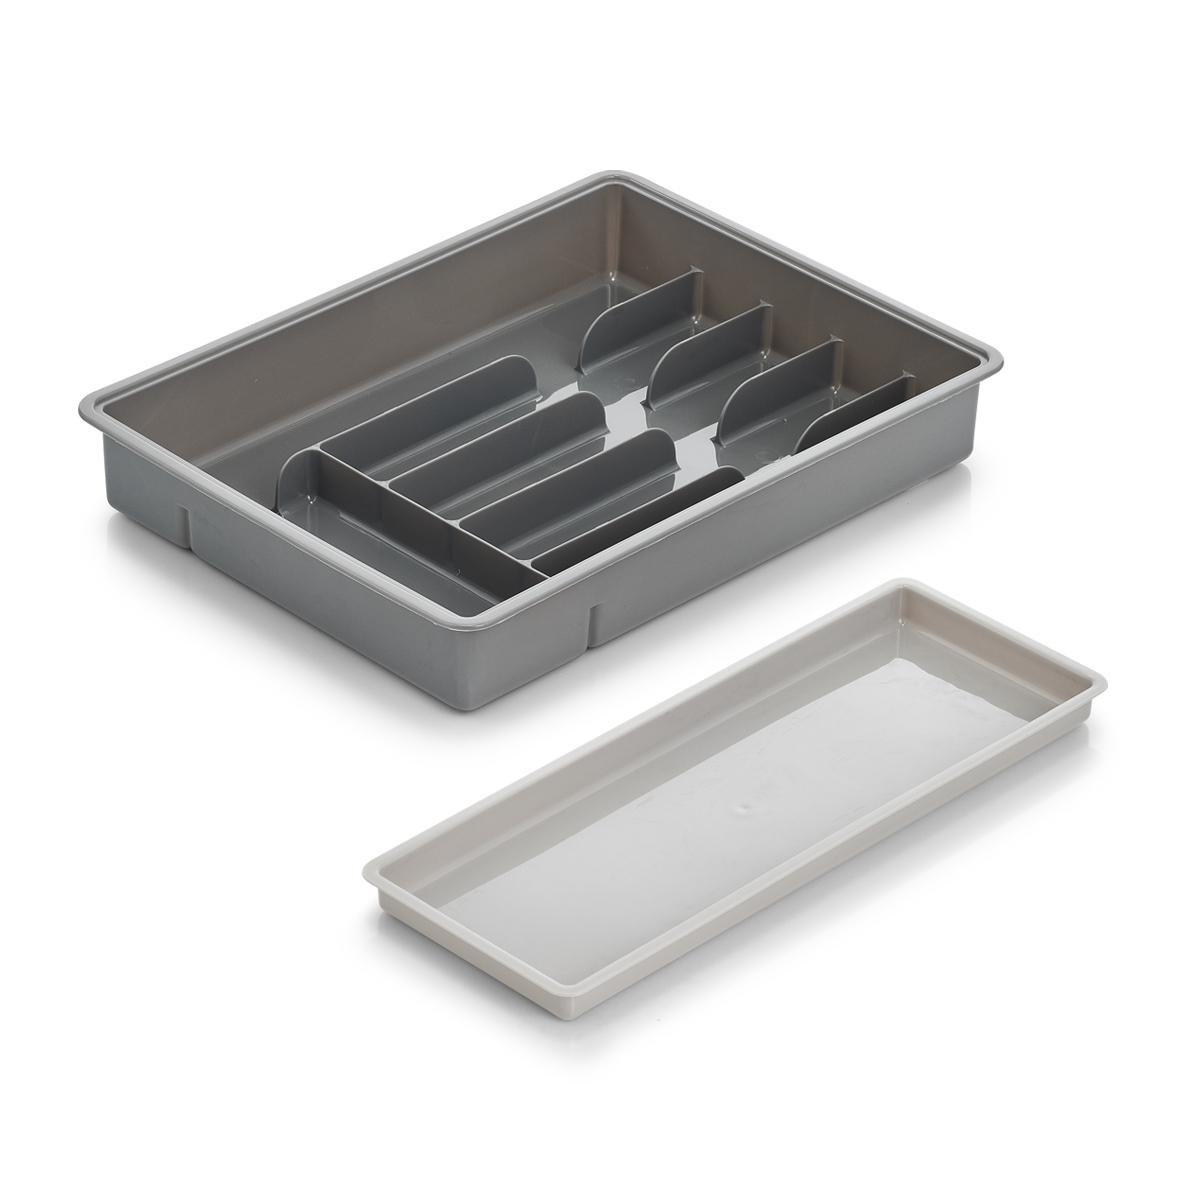 Organizator pentru tacamuri, din plastic, Tray Gri, 7 compartimente, l38xA28,5xH6 cm poza